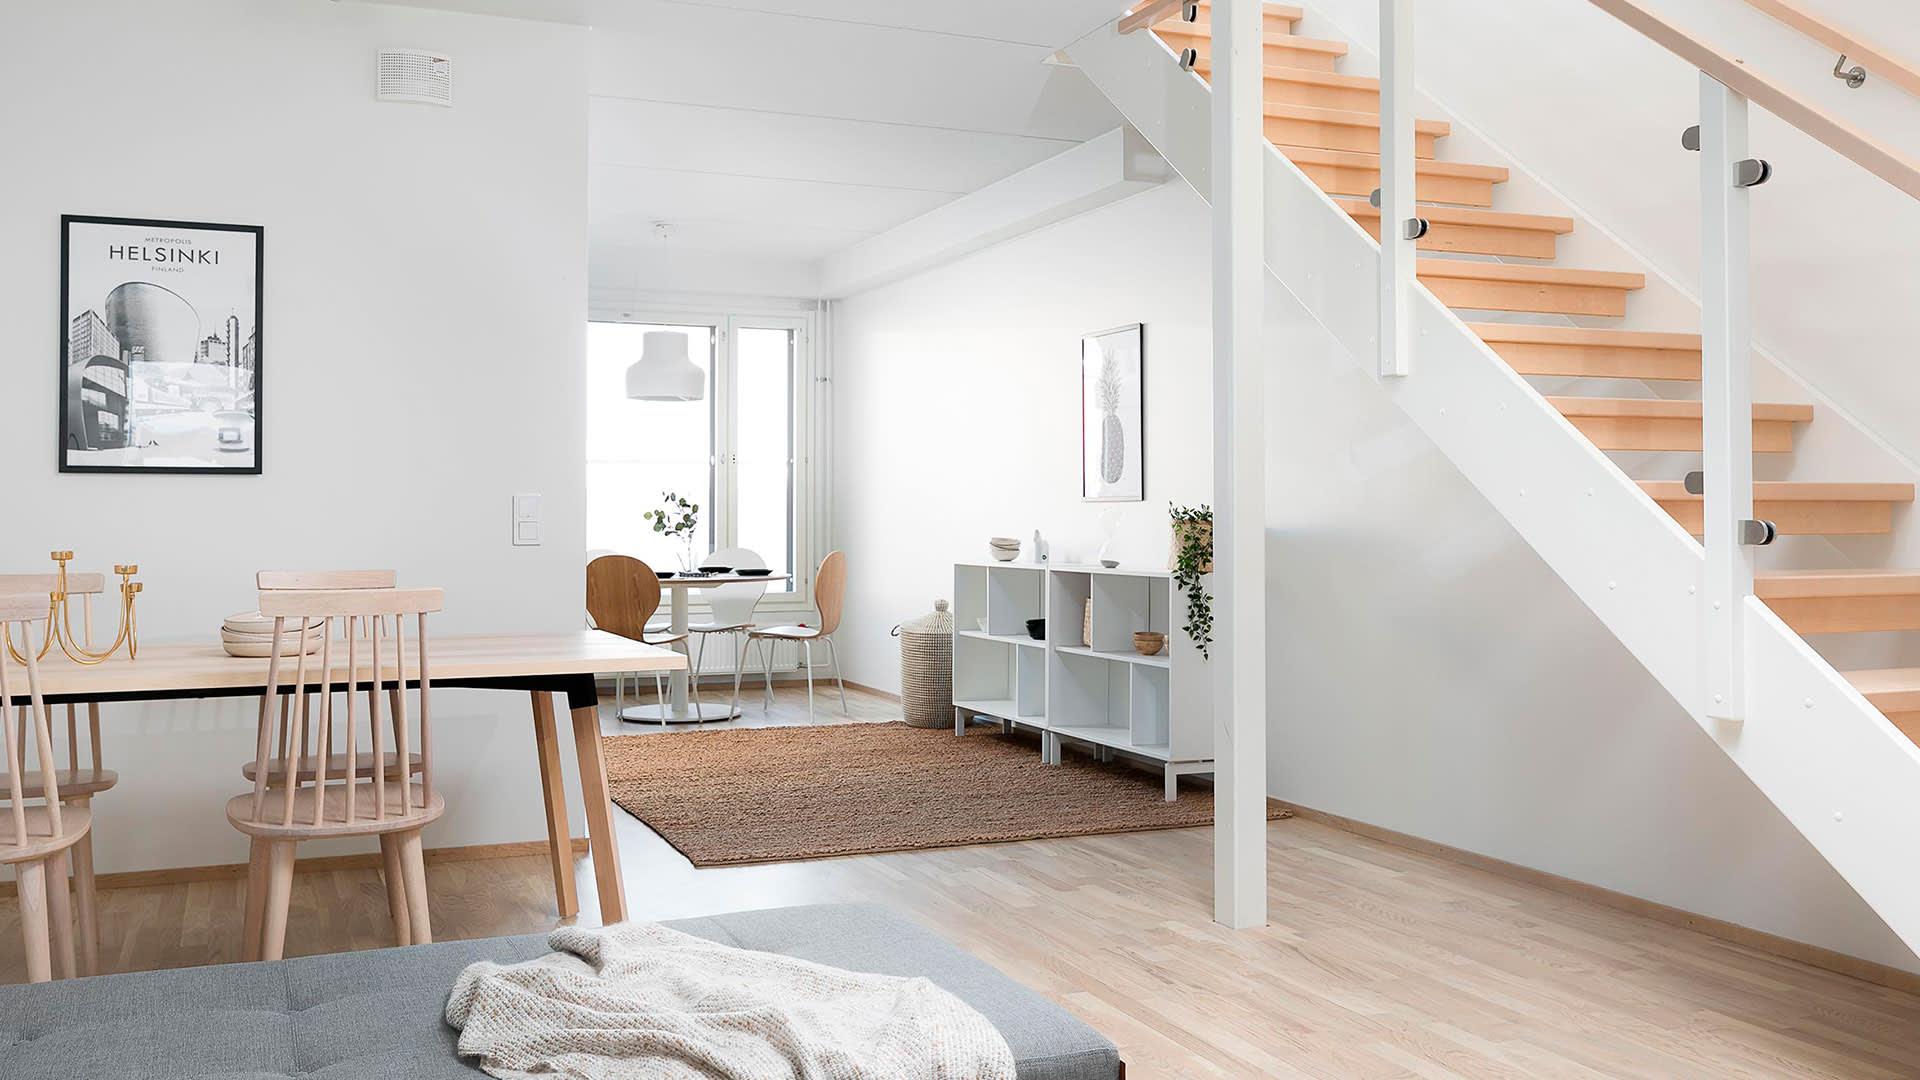 Helsingin Asunnot